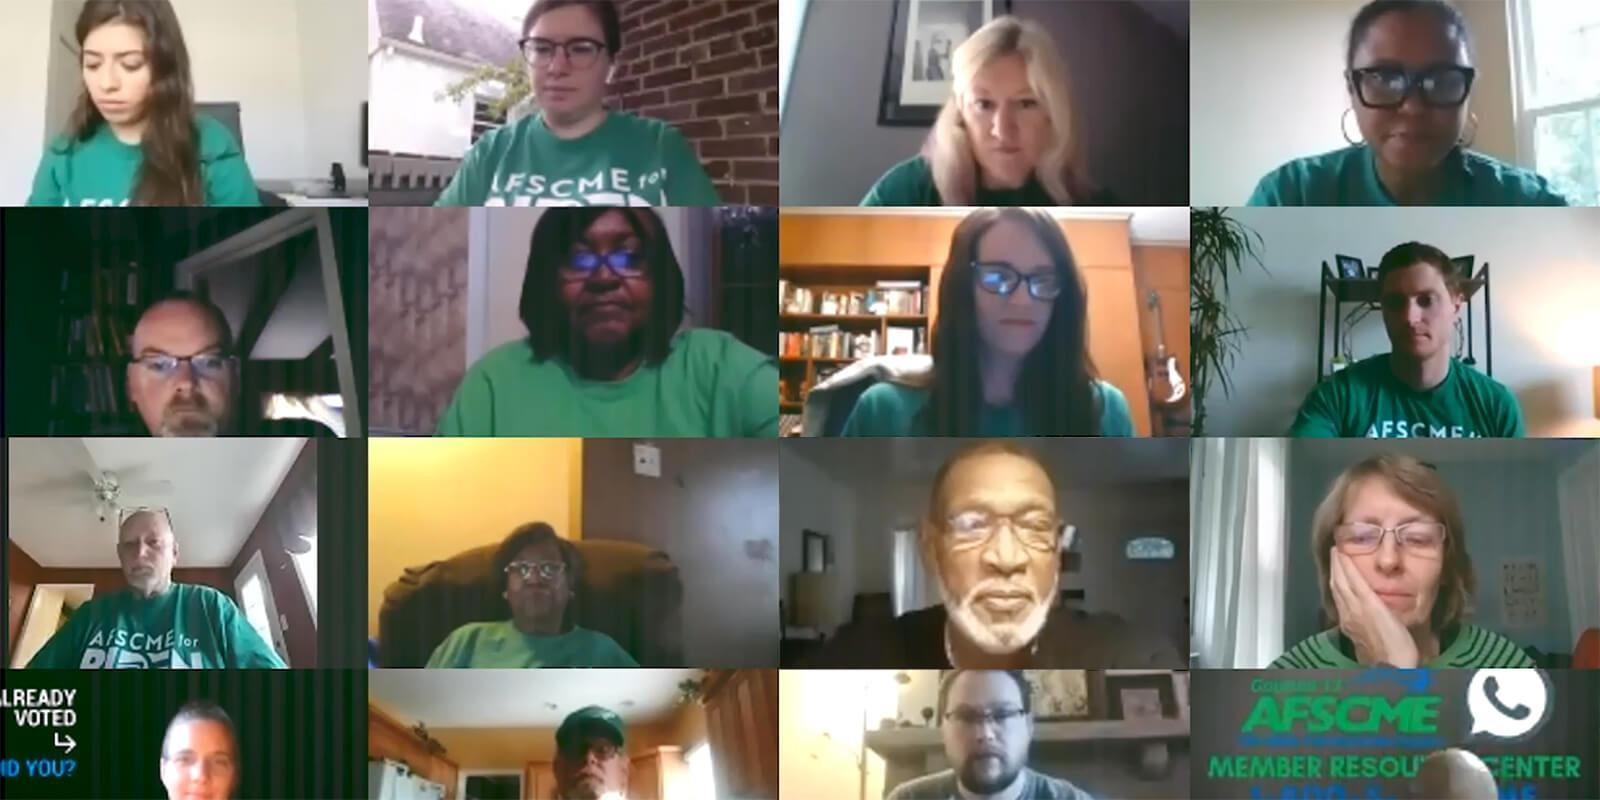 Volunteers wearing AFSCME green